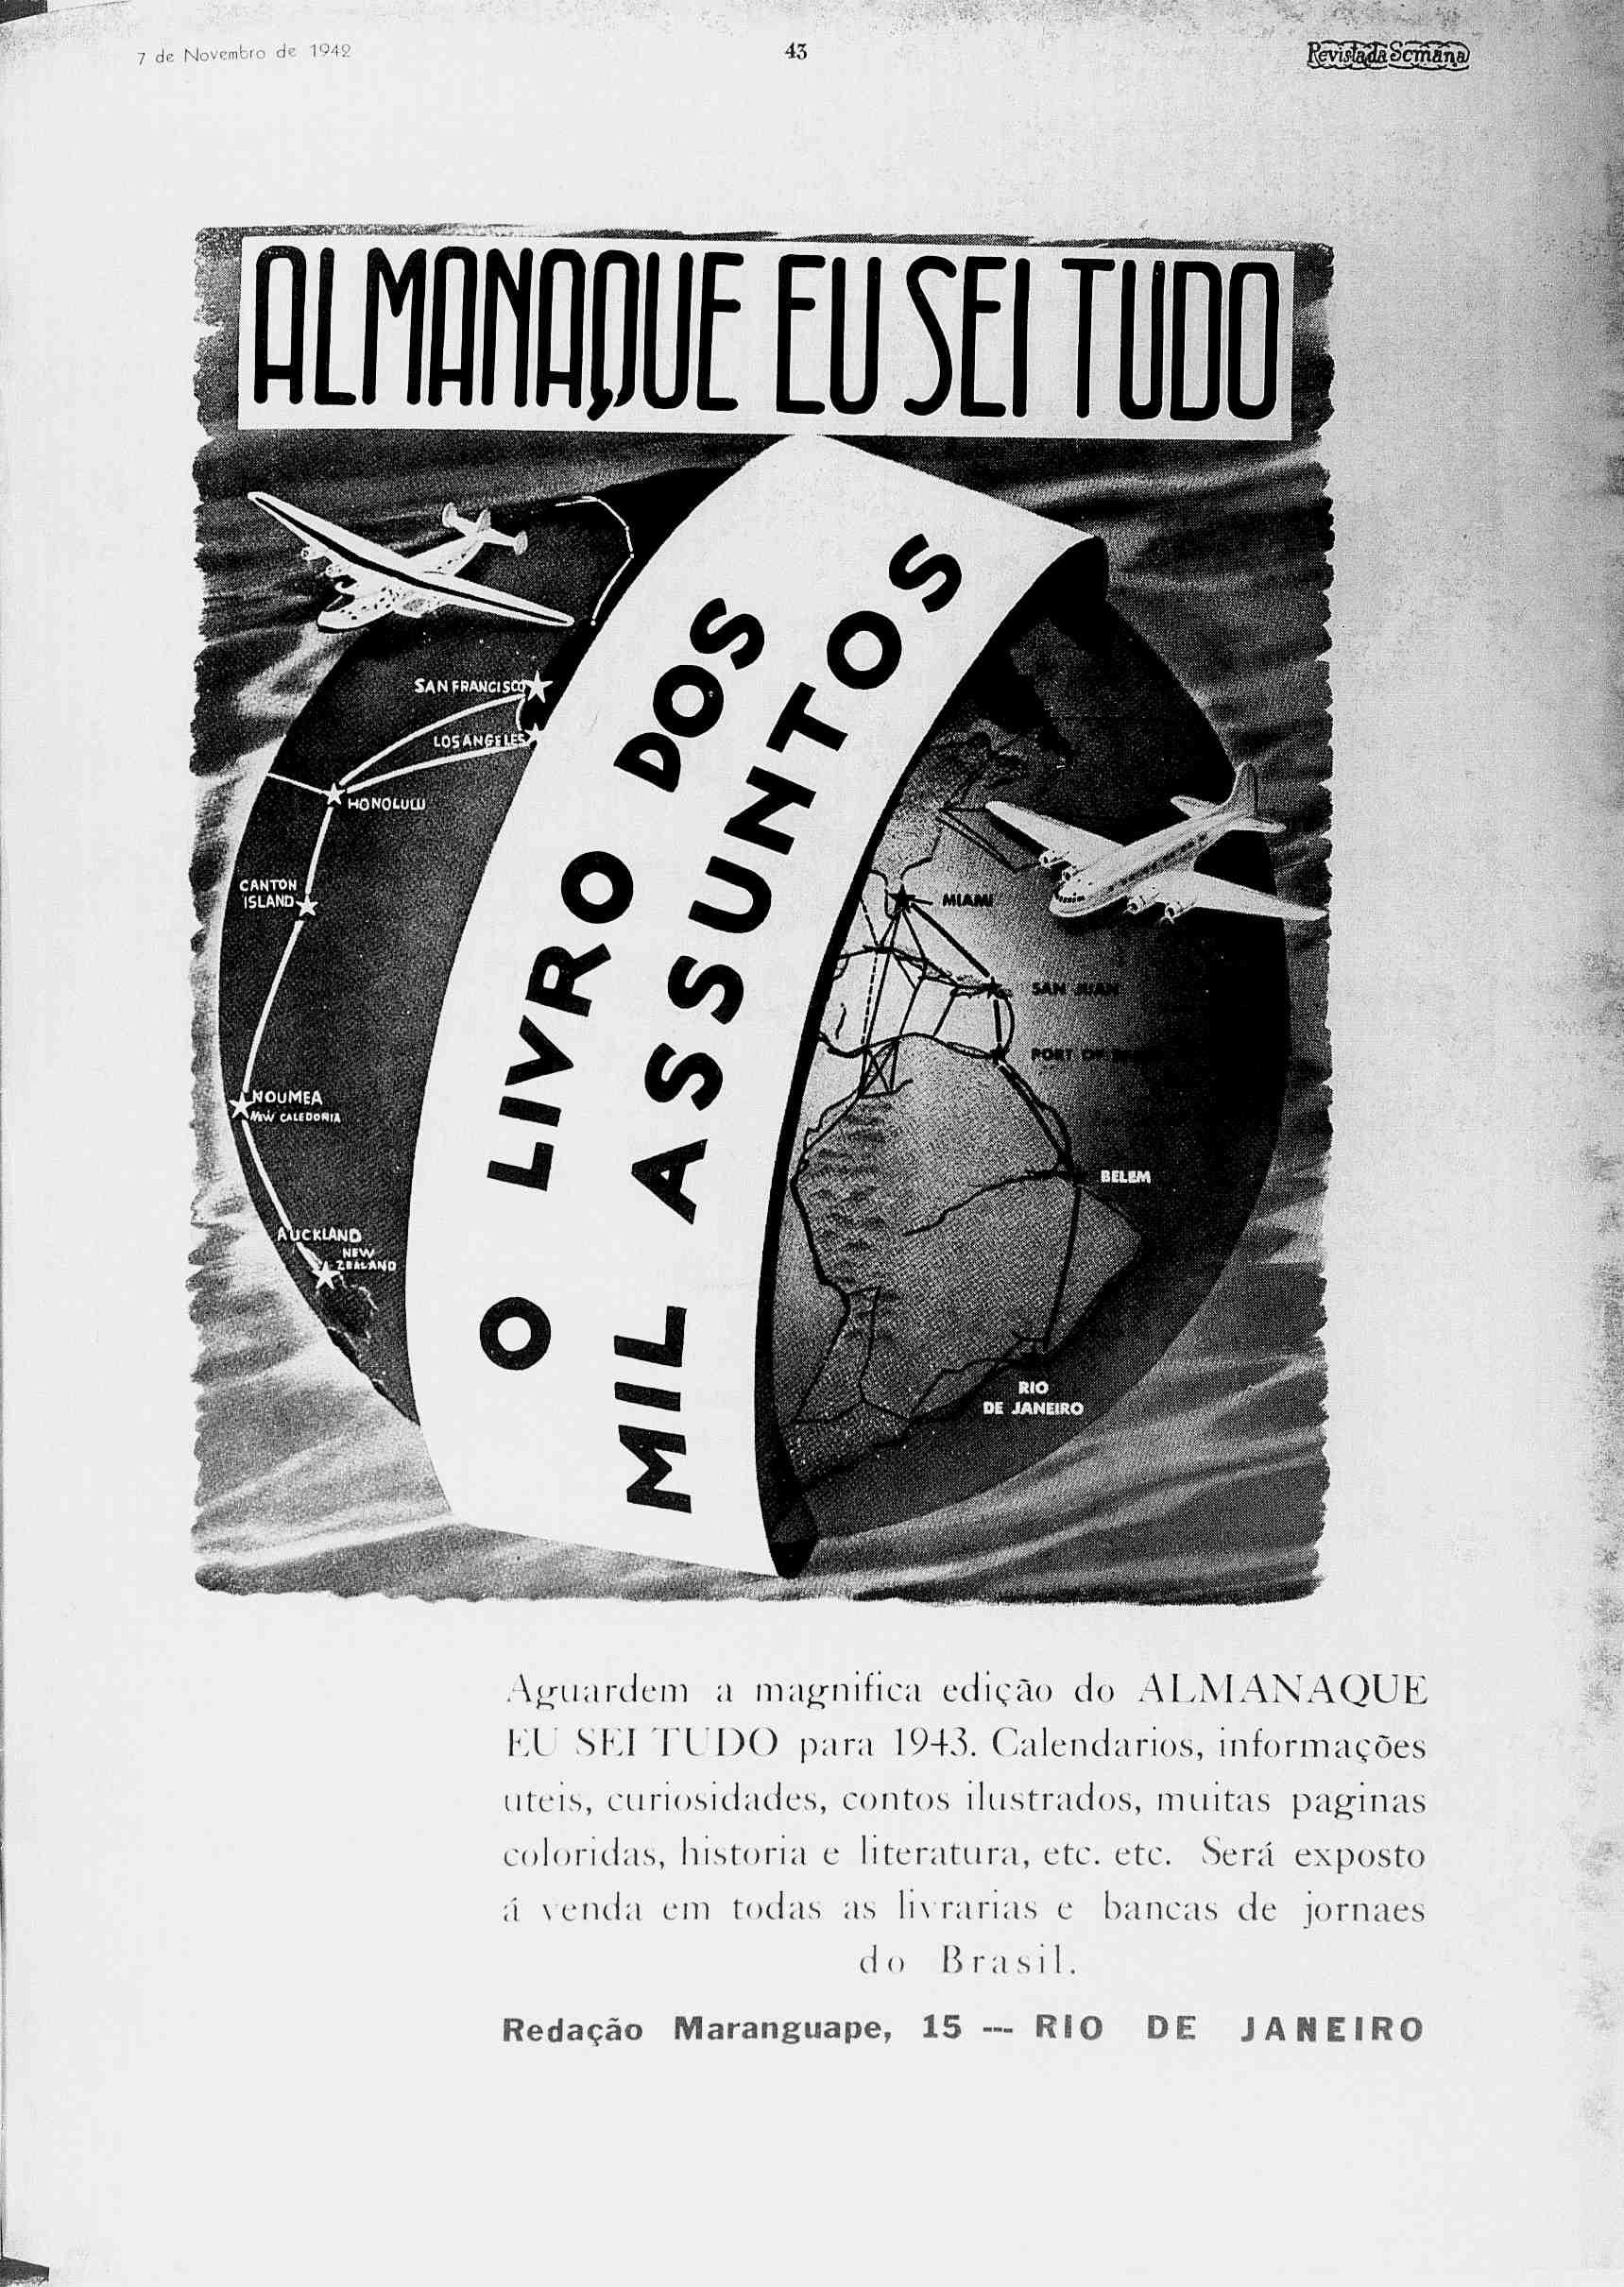 7 de Novembro de 1942 43 o yz oµh yi